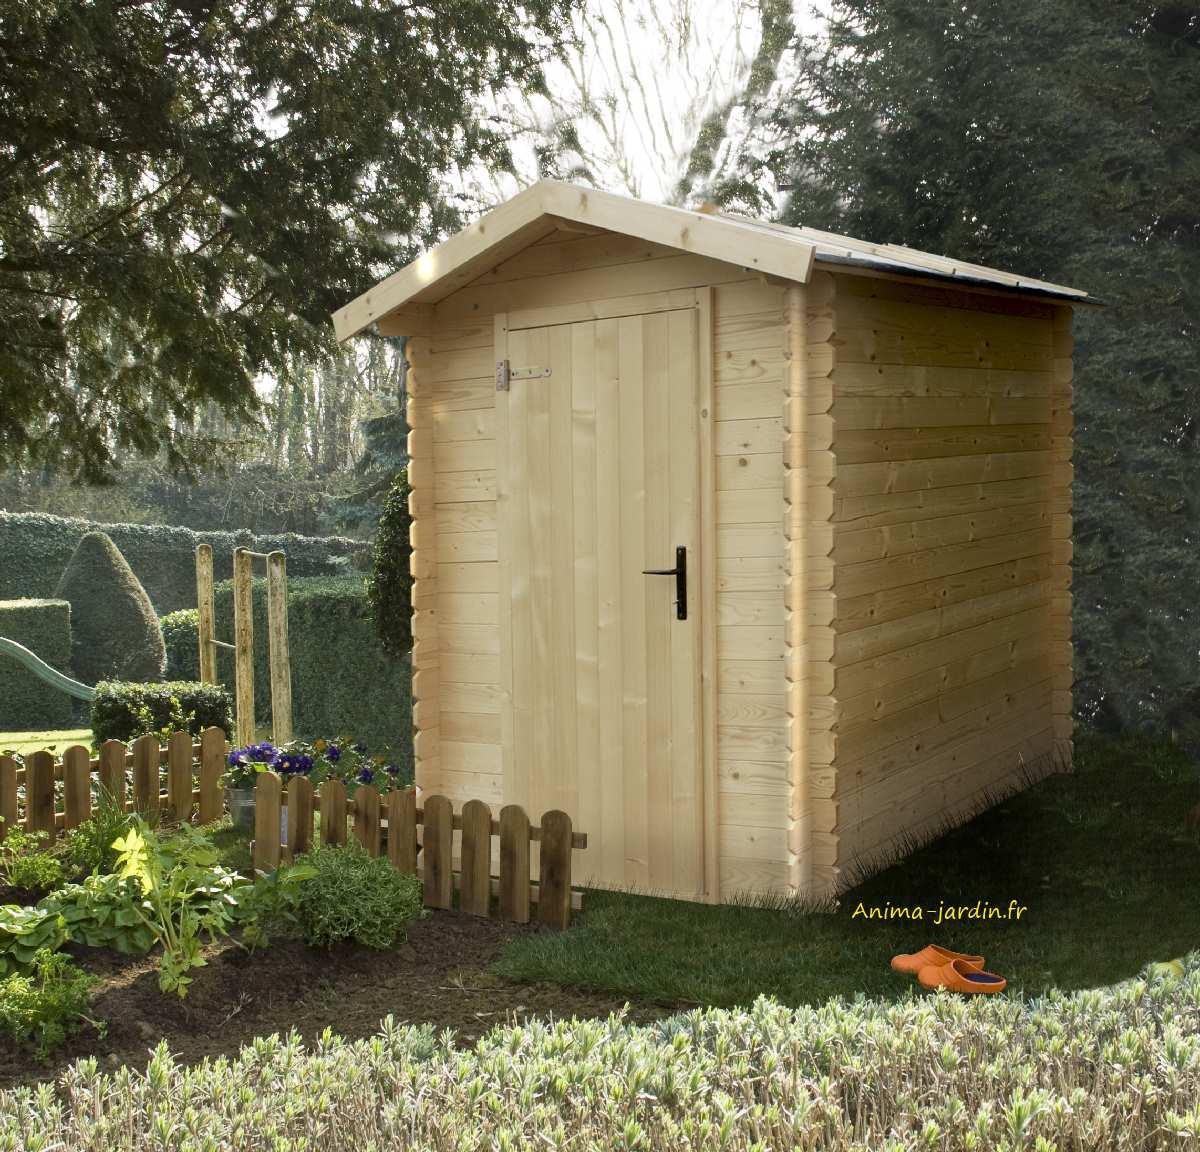 Petit Abri Jardin, 19Mm, Bex, 2.43M², Pas Cher, Vélo ... encequiconcerne Solde Abri De Jardin